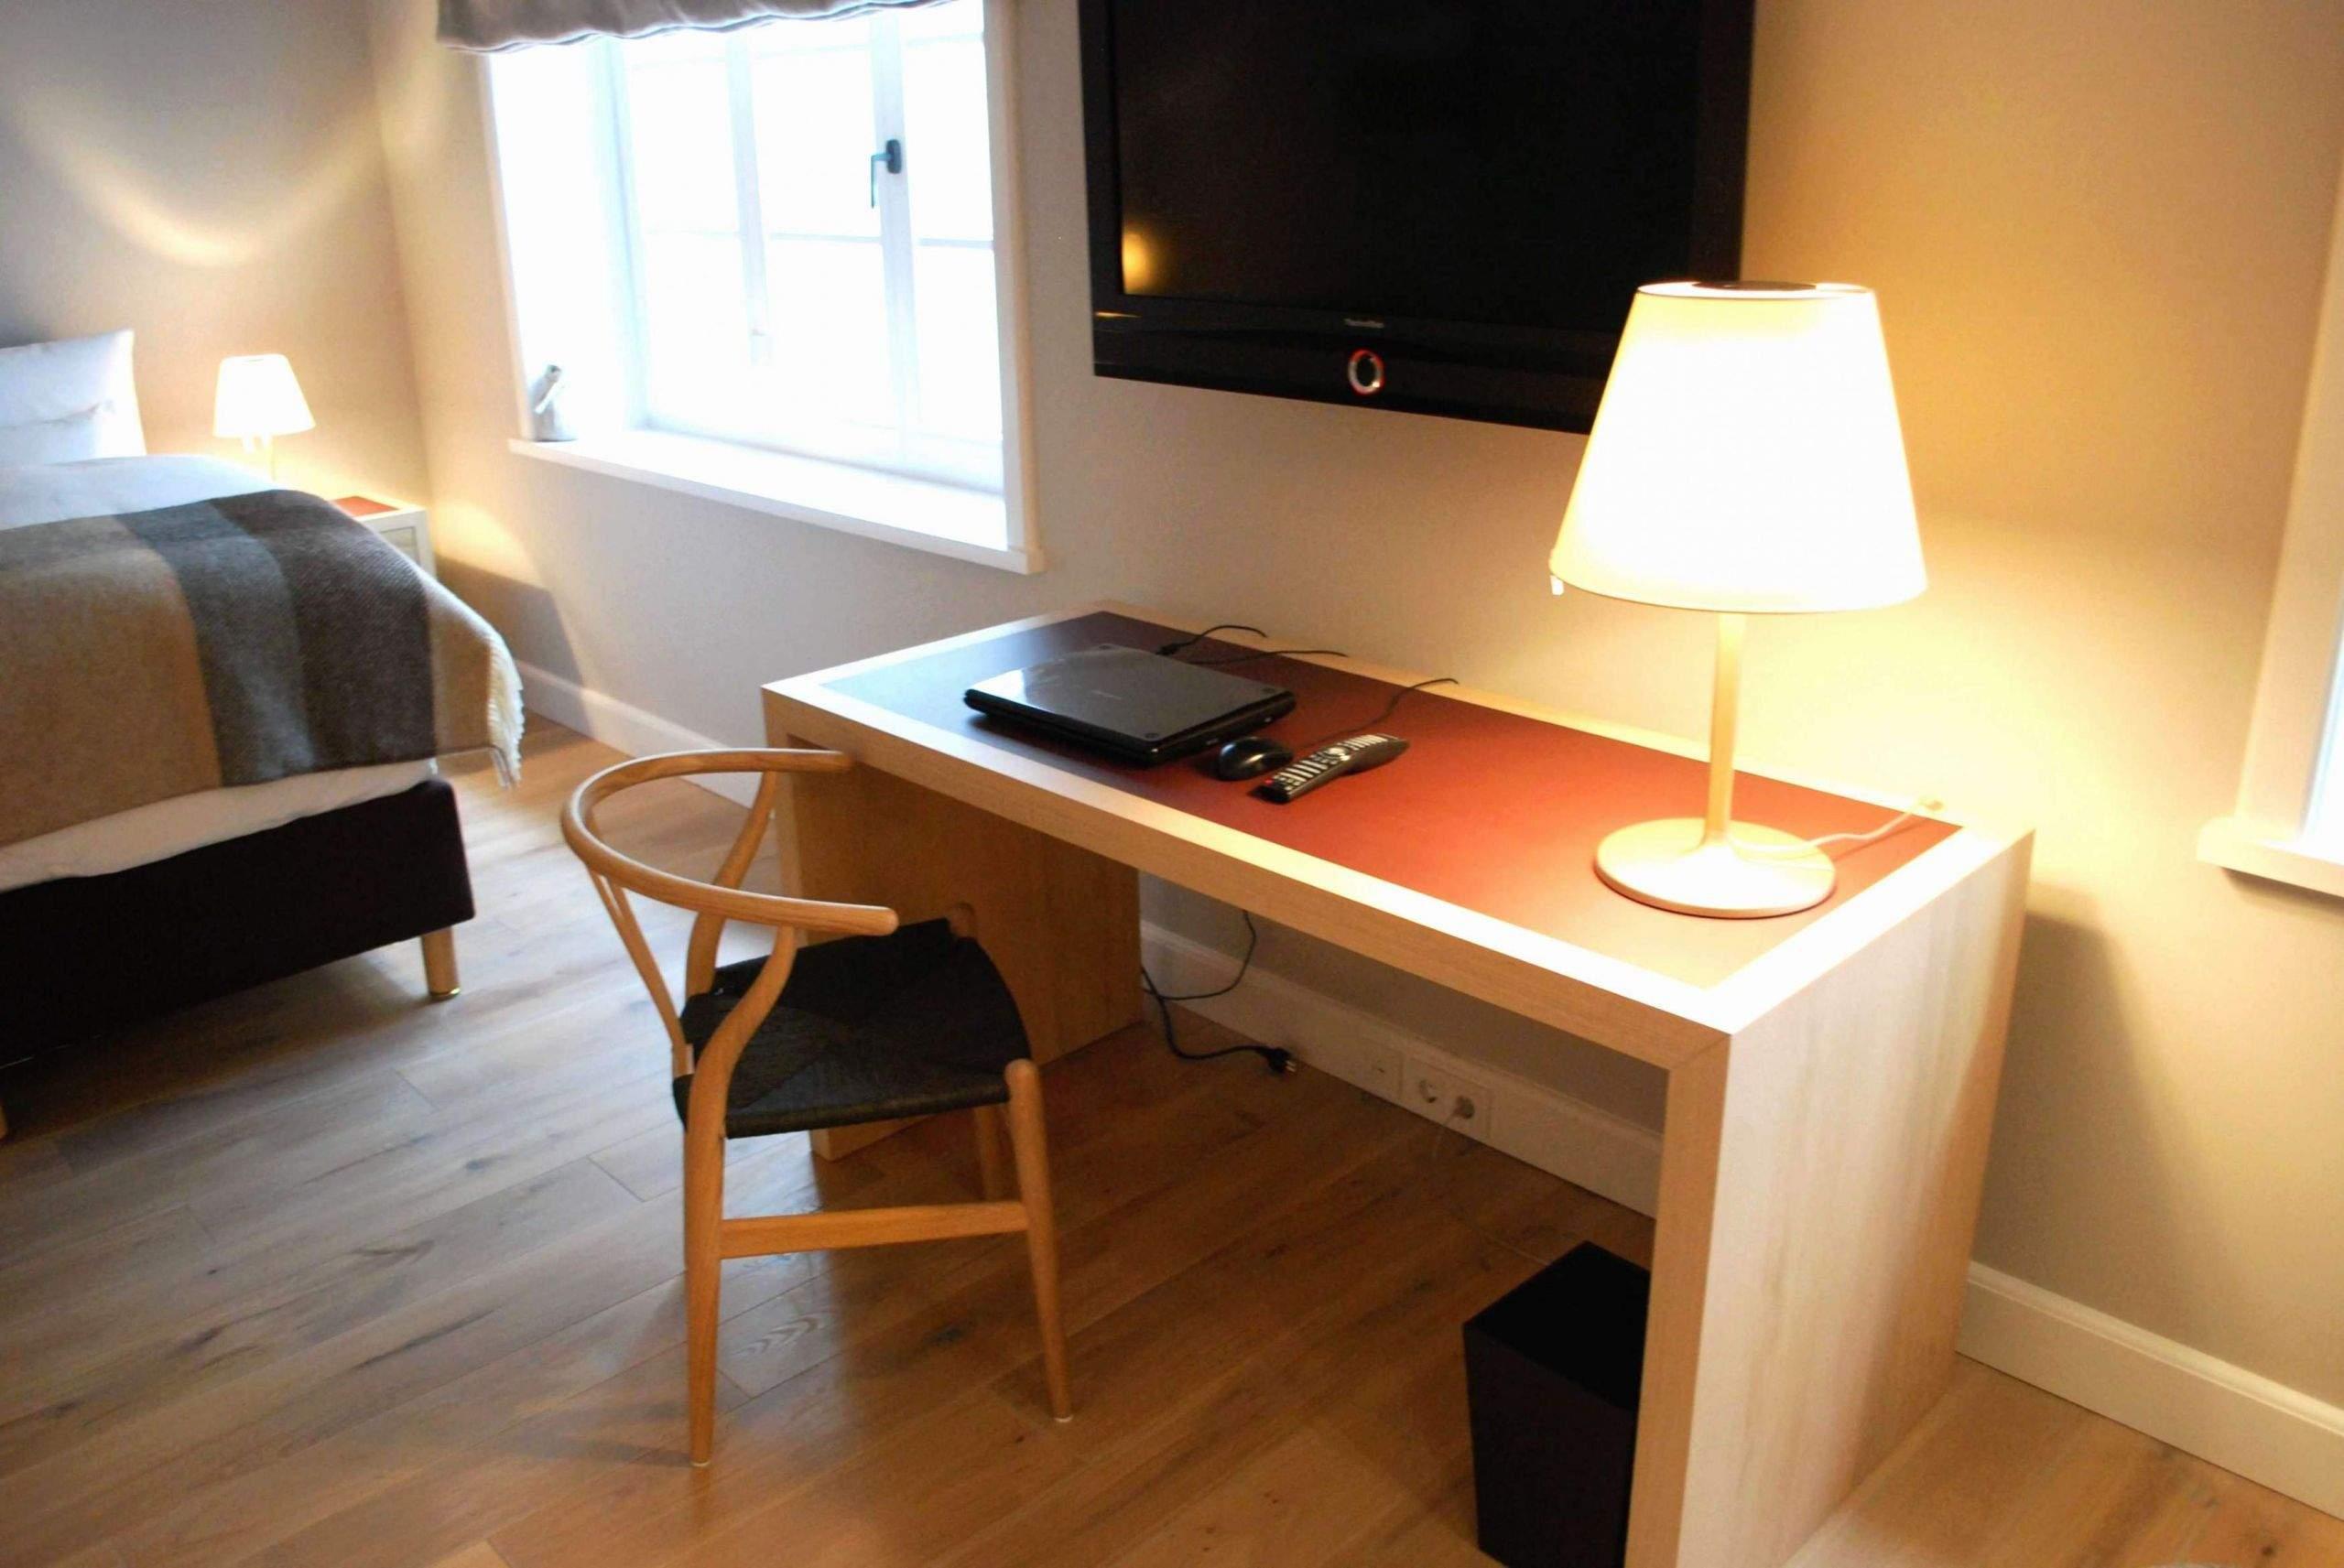 schone bilder fur wohnzimmer neu ideen fur wandgestaltung temobardz home blog of schone bilder fur wohnzimmer scaled